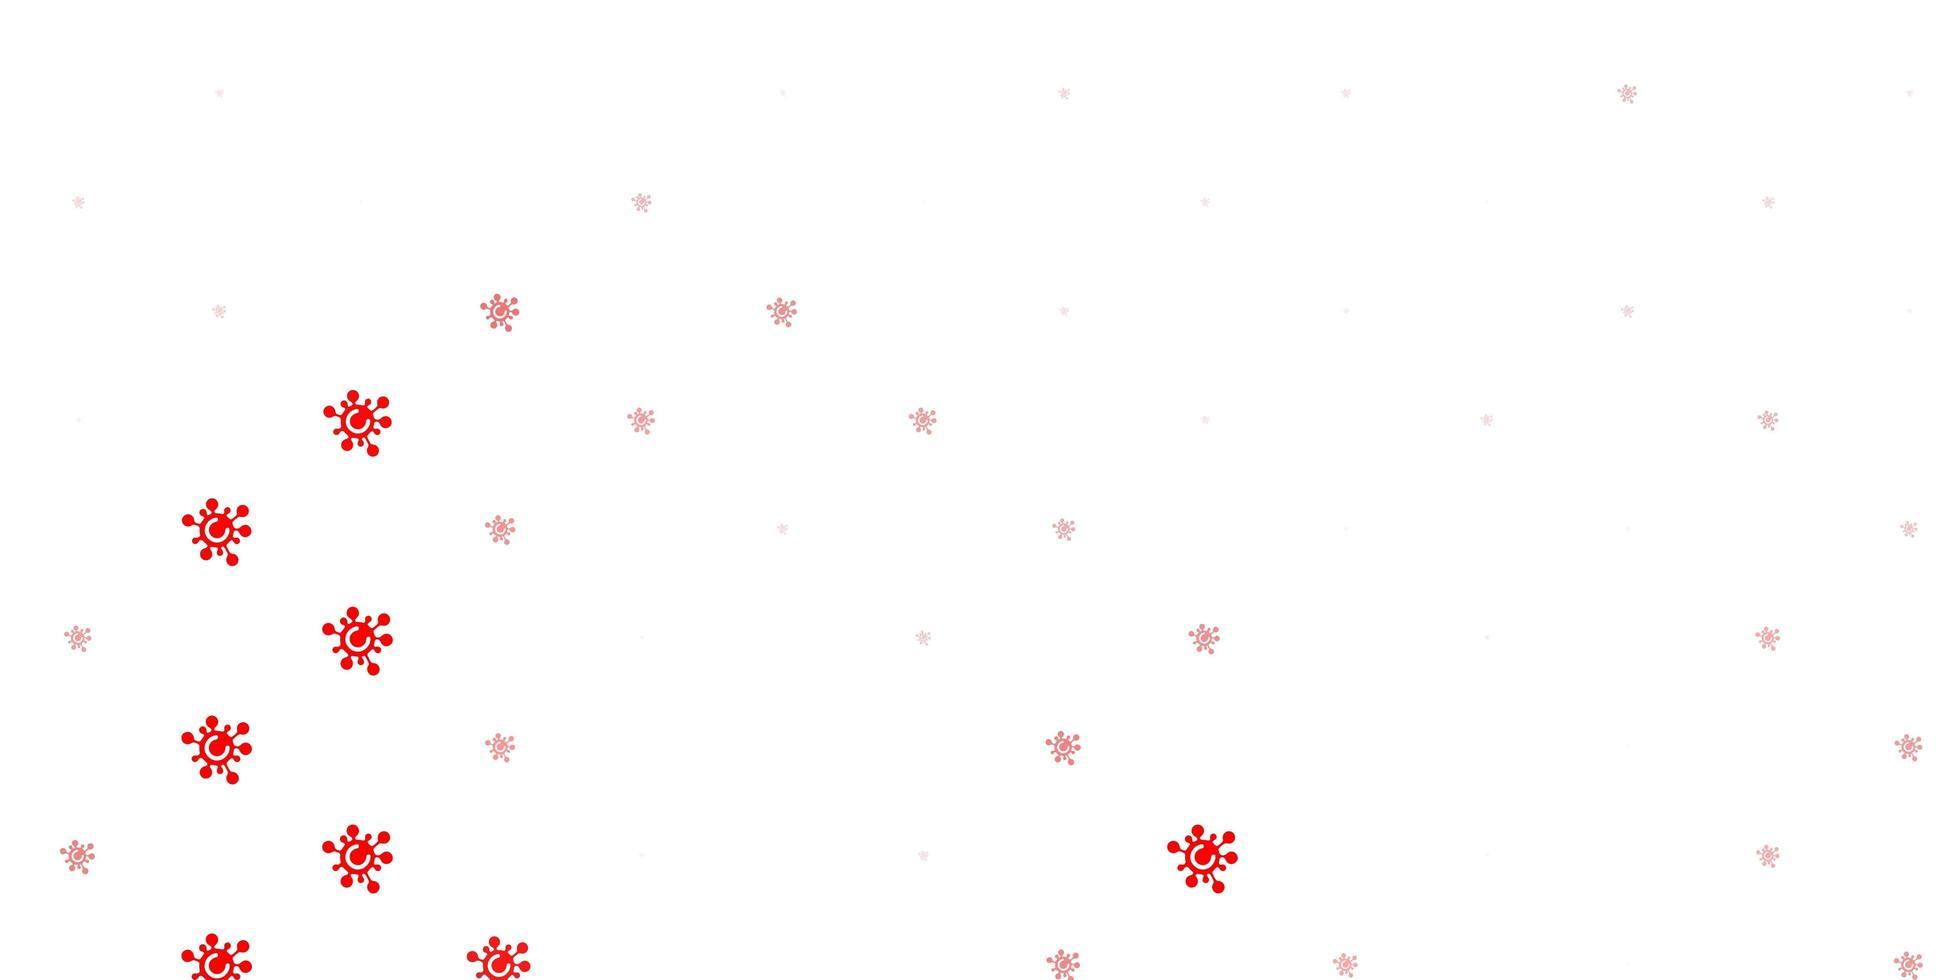 pano de fundo vector vermelho claro com símbolos de vírus.